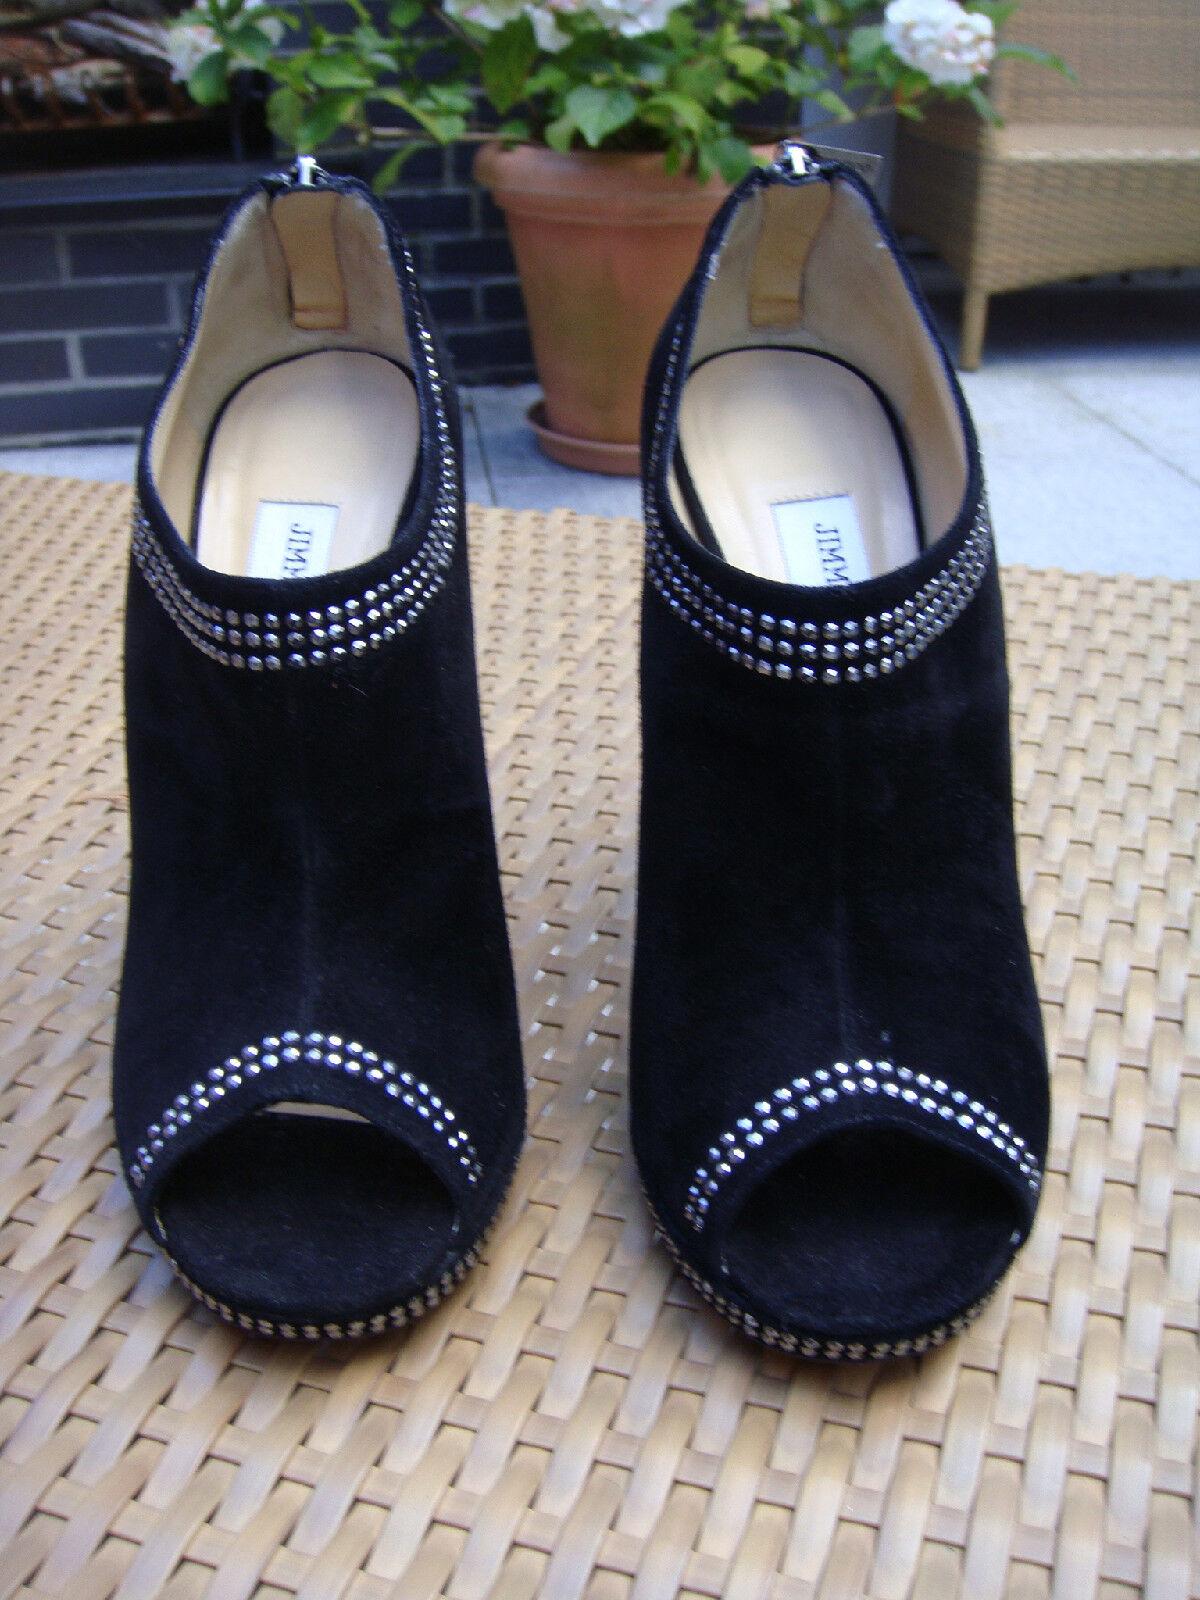 JIMMY CHOO Schuhe Gr.40,5 Gr.40,5 Gr.40,5 Schwarz ff9ab8